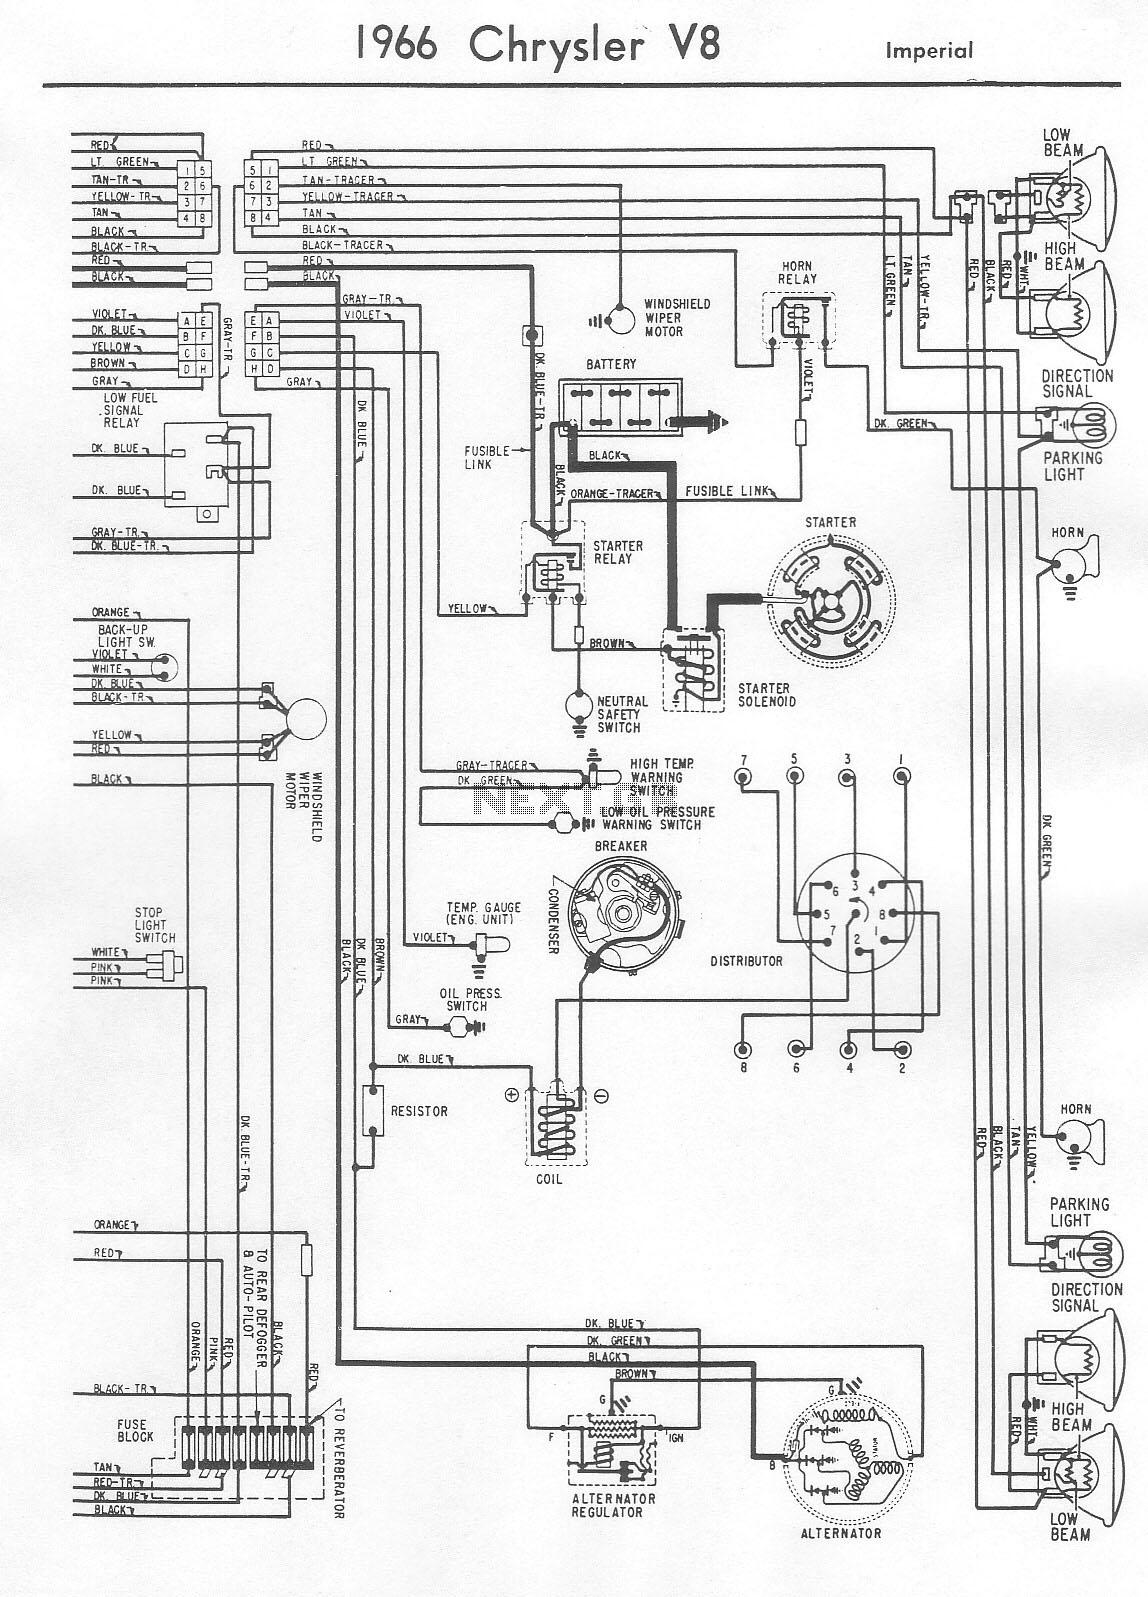 1966 chrysler 300 wiring diagram - wiring diagram high-variable-b -  high-variable-b.gobep.it  high-variable-b.gobep.it